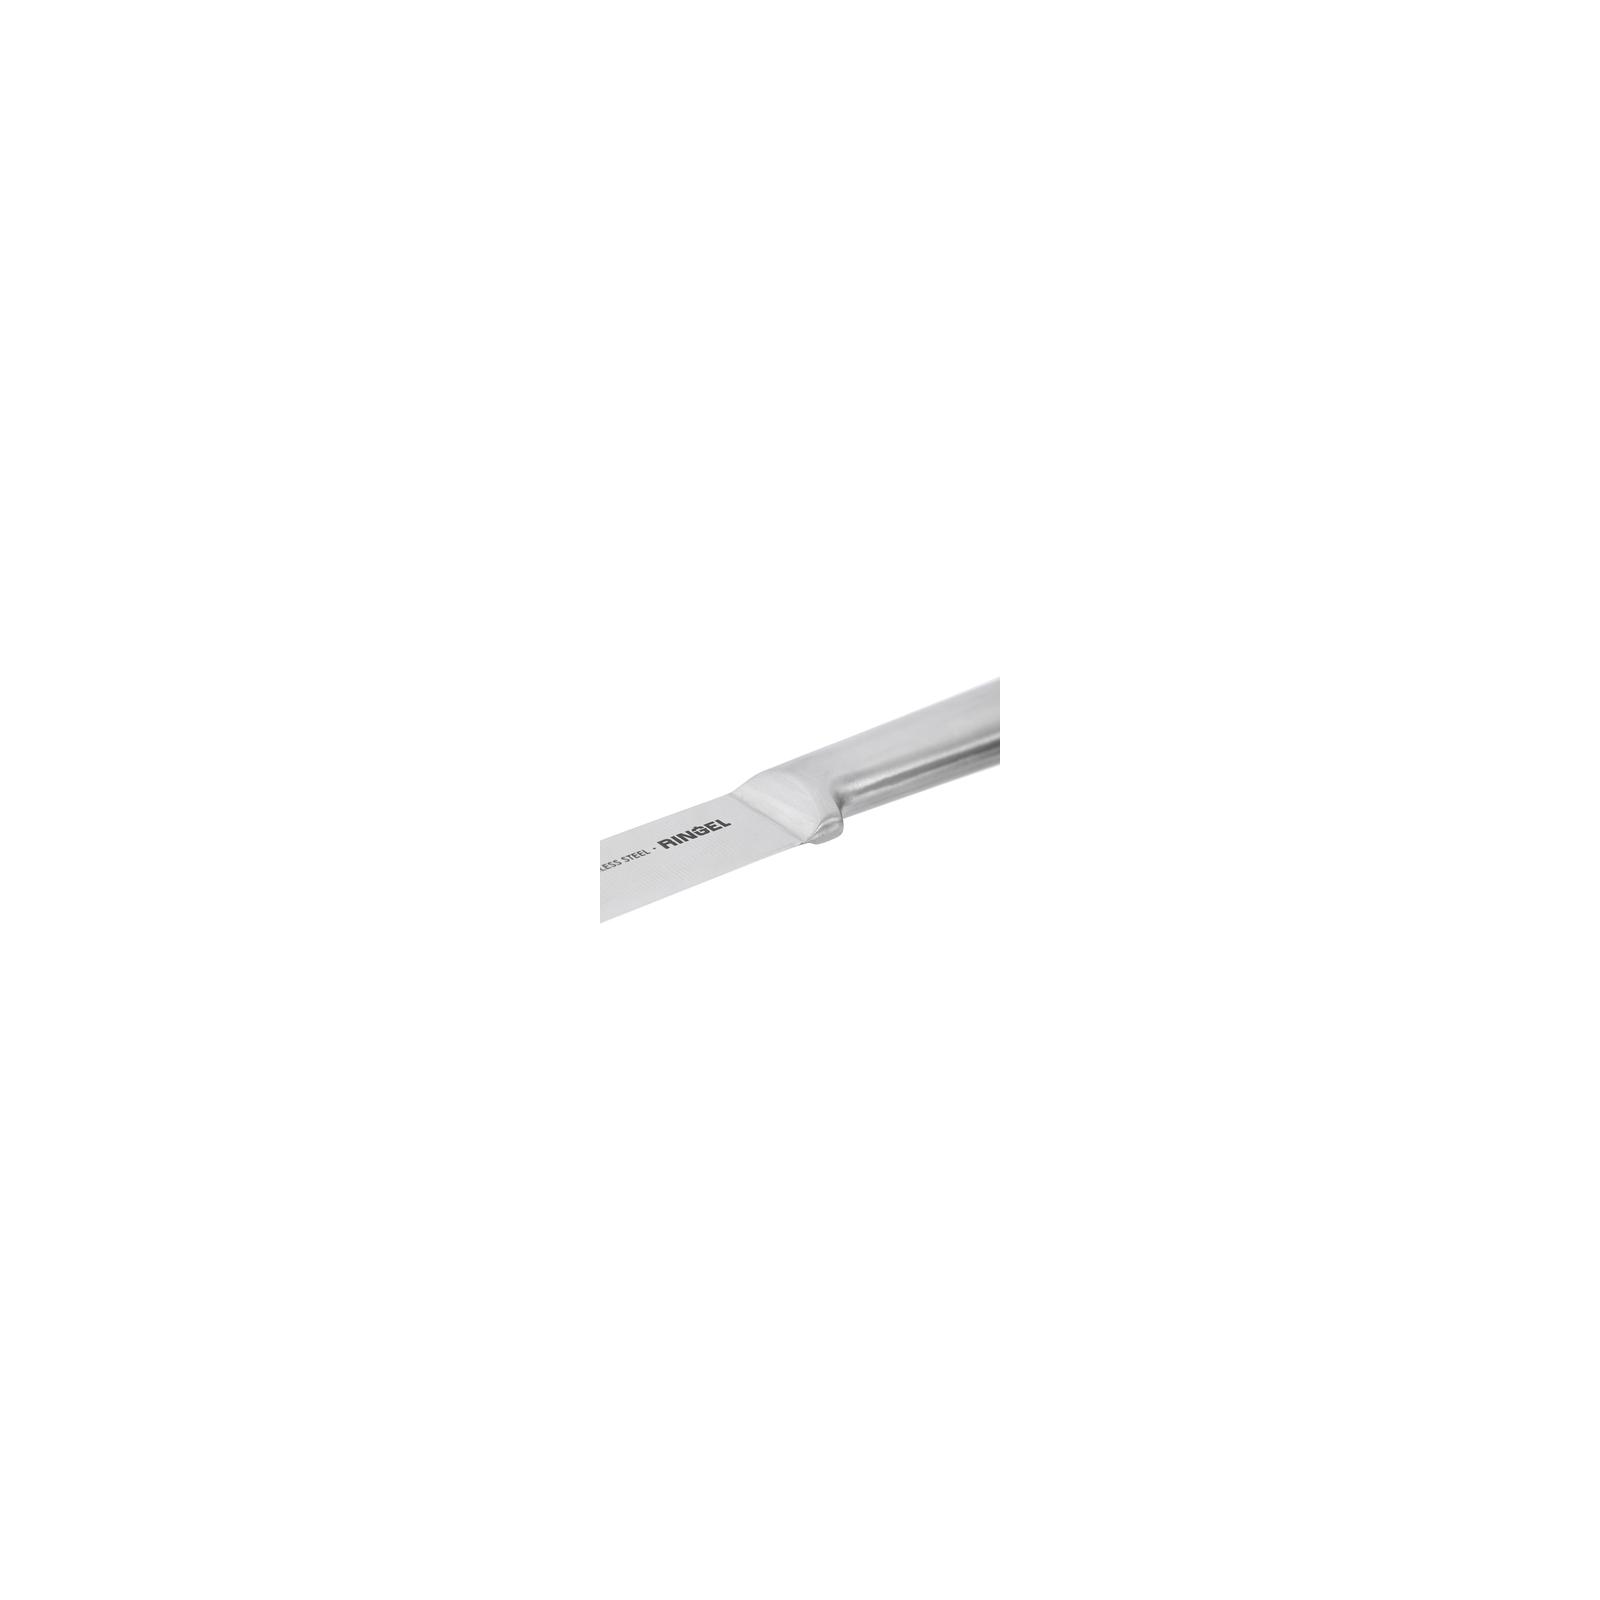 Кухонный нож Ringel Besser разделочный 20 см (RG-11003-3) изображение 4